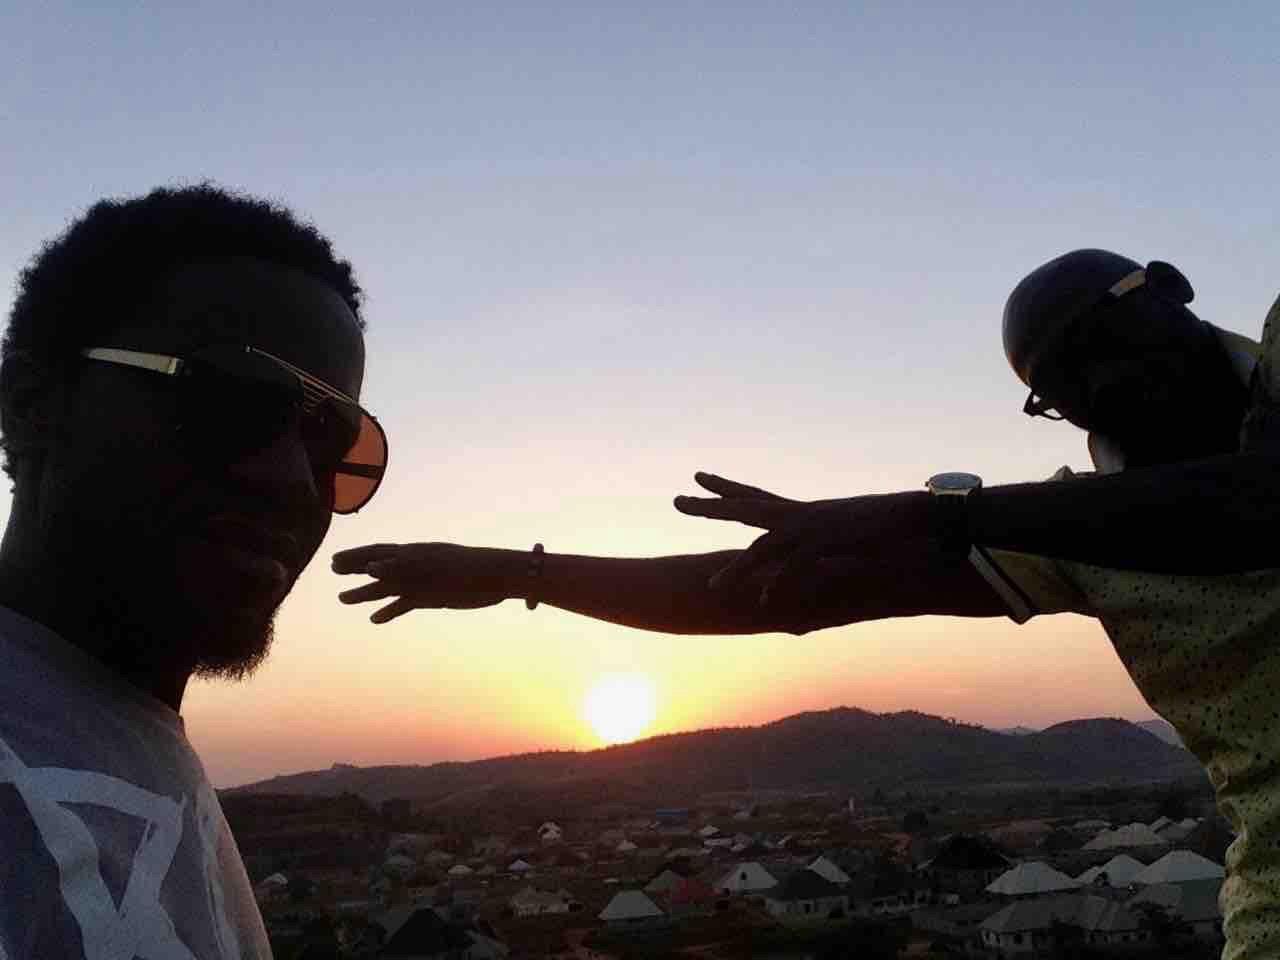 Sunset over Ushafa Village, FCT, Abuja, Nigeria. #JujuFilms